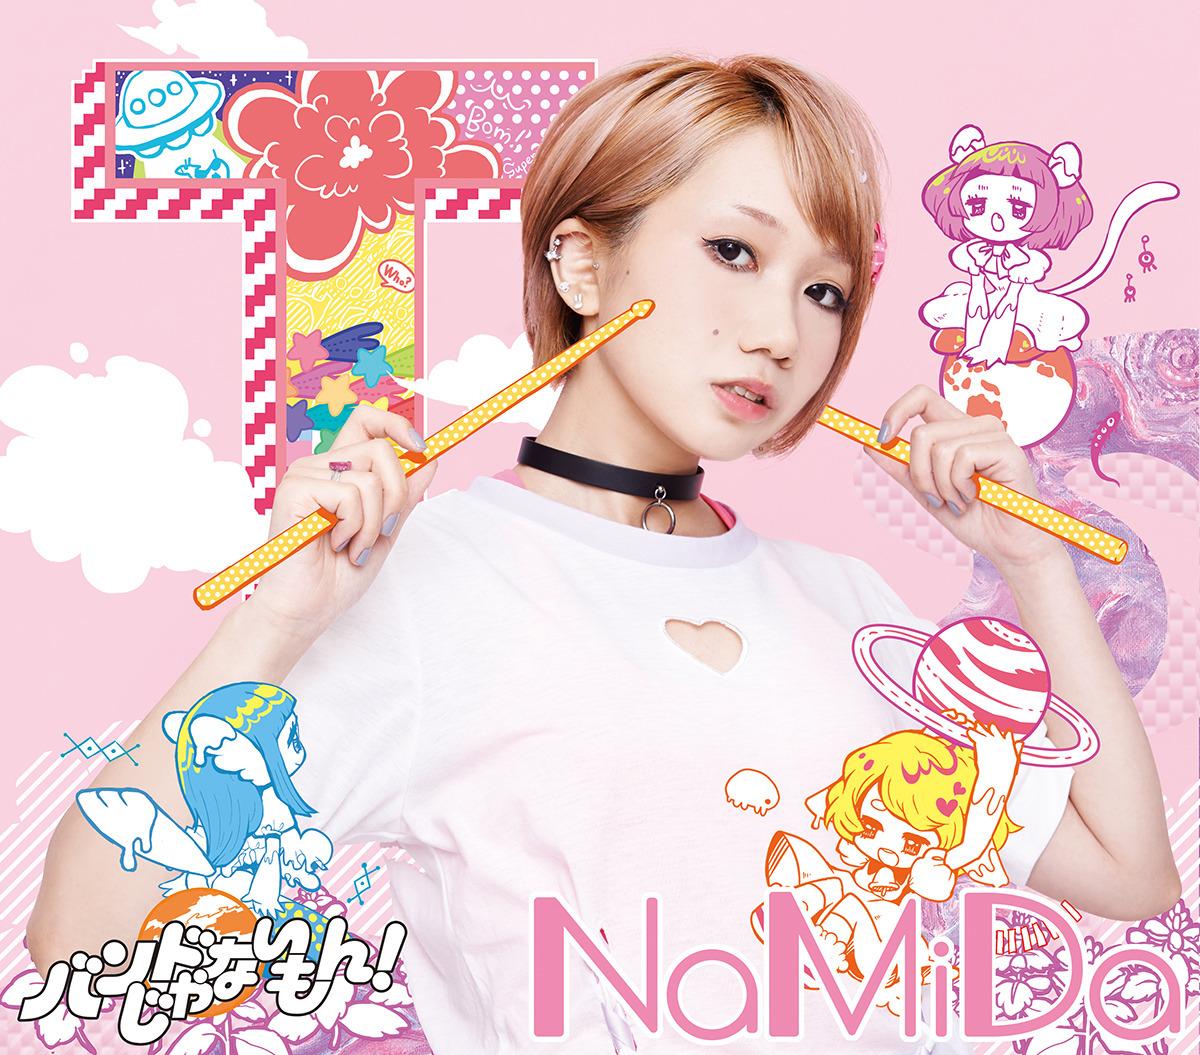 Nmd_misako_h1